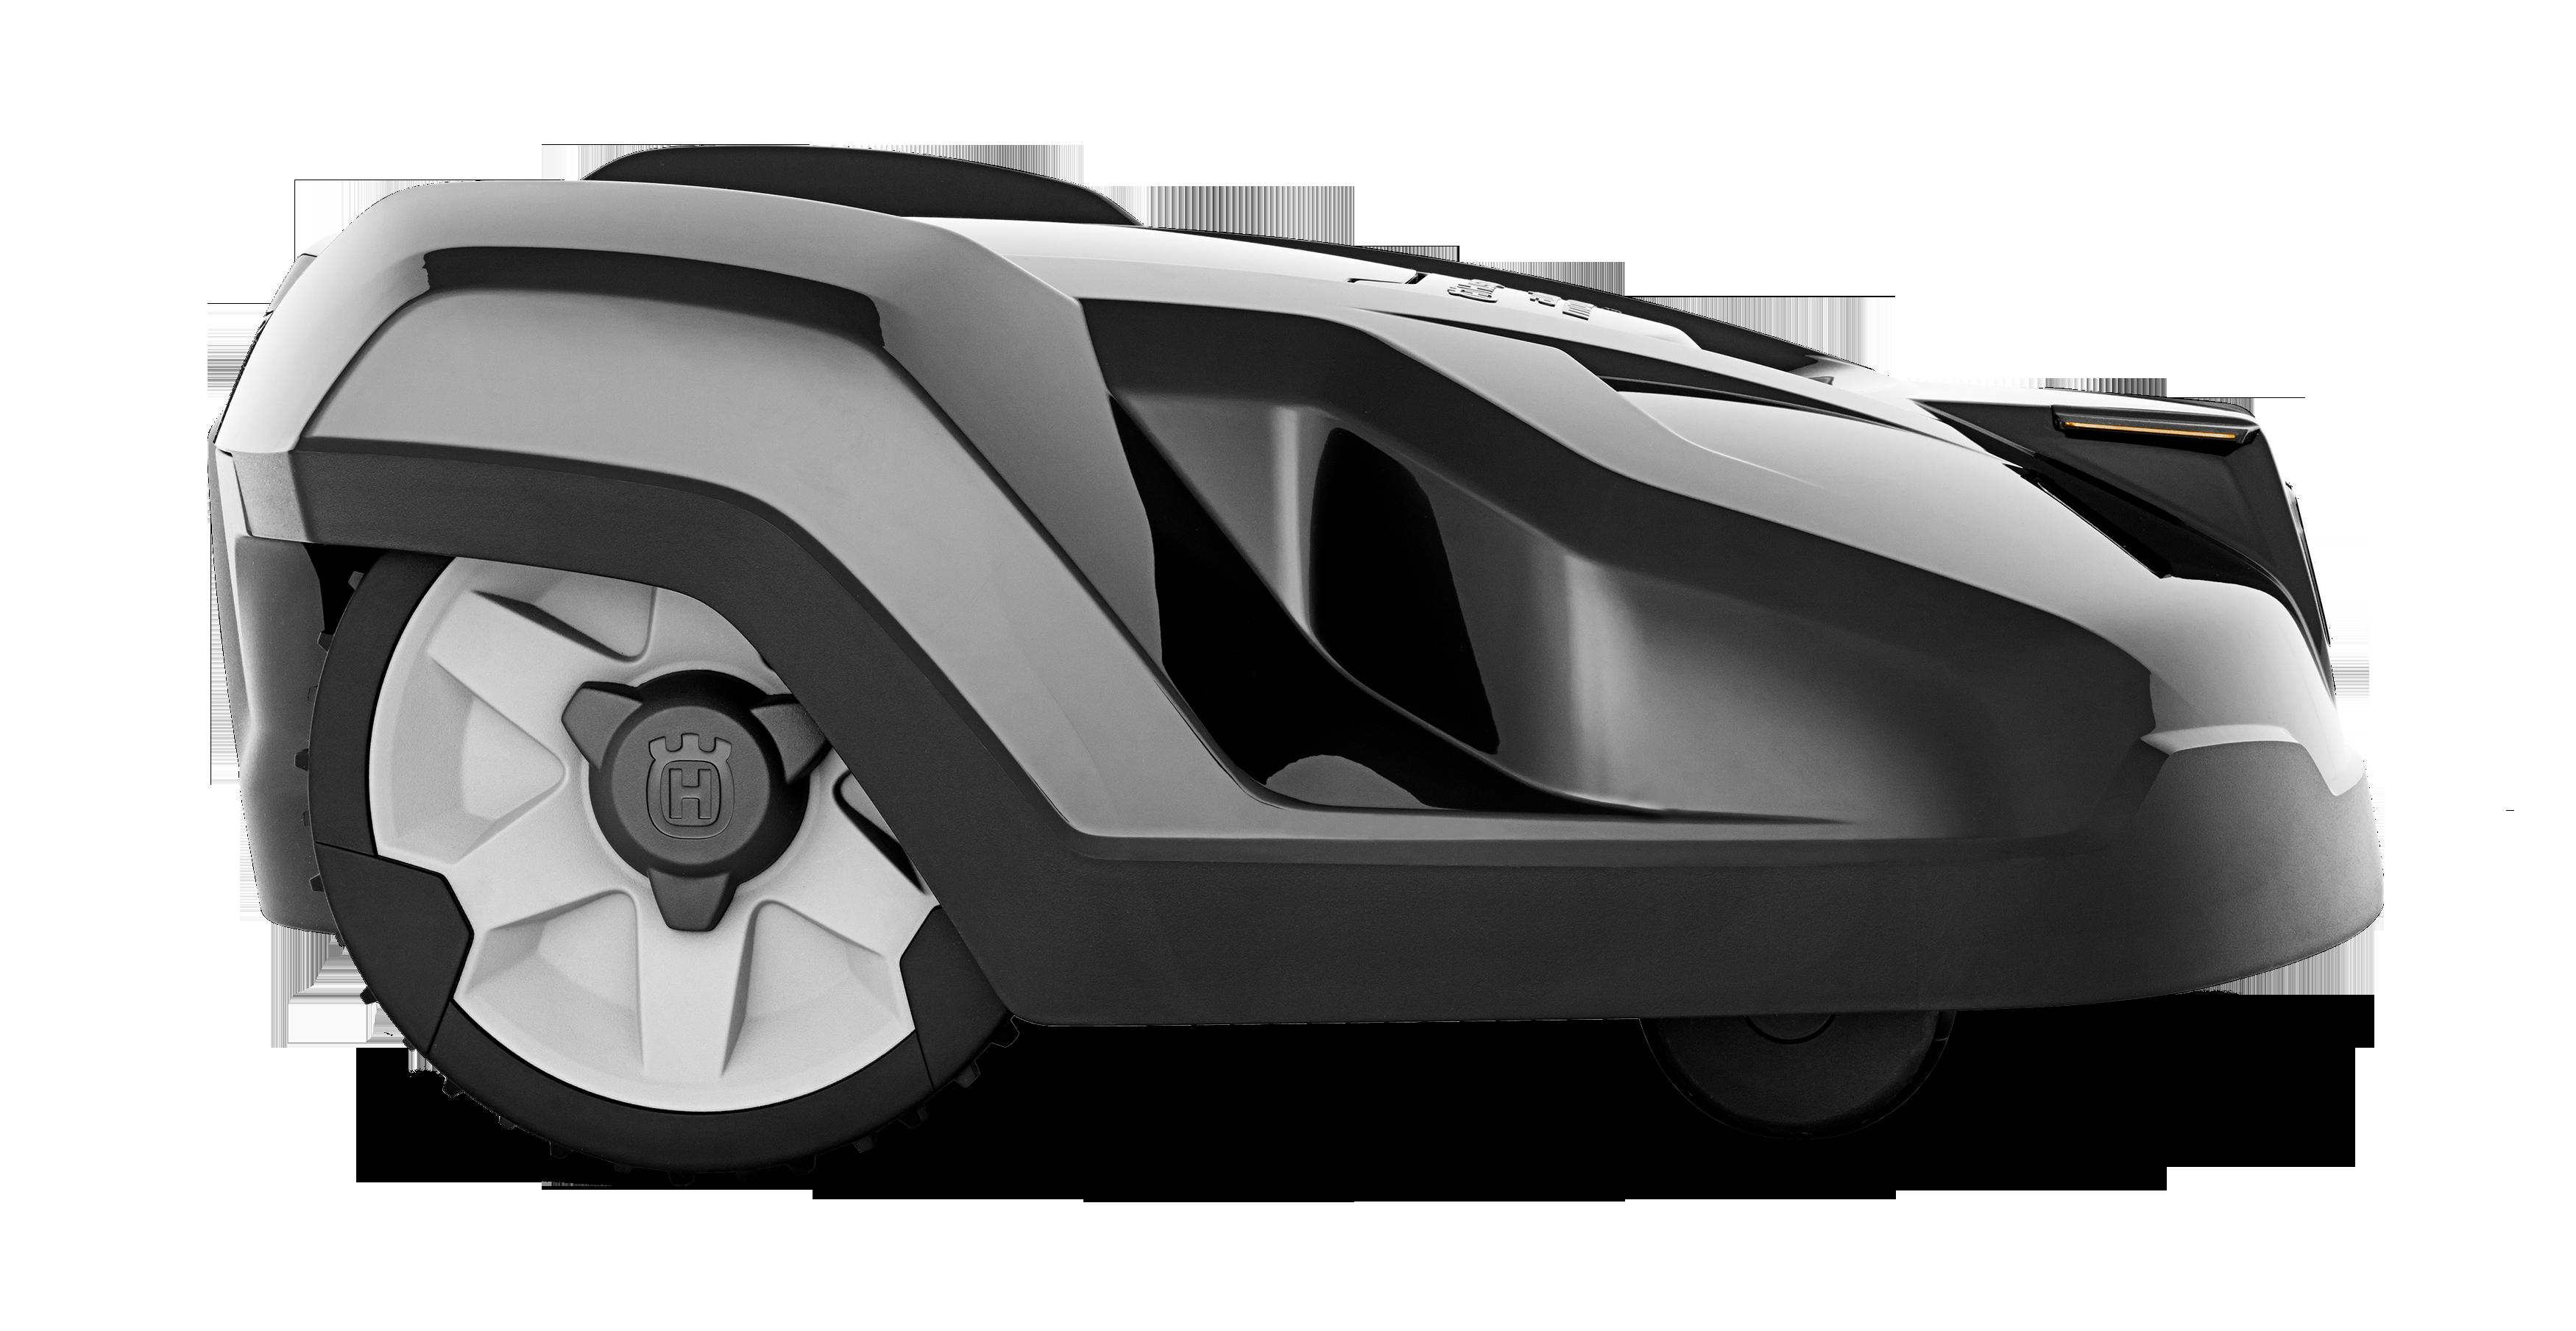 Melns Husqvarna zāles pļāvējs robots – Automower 420 modelis, skats no labās puses